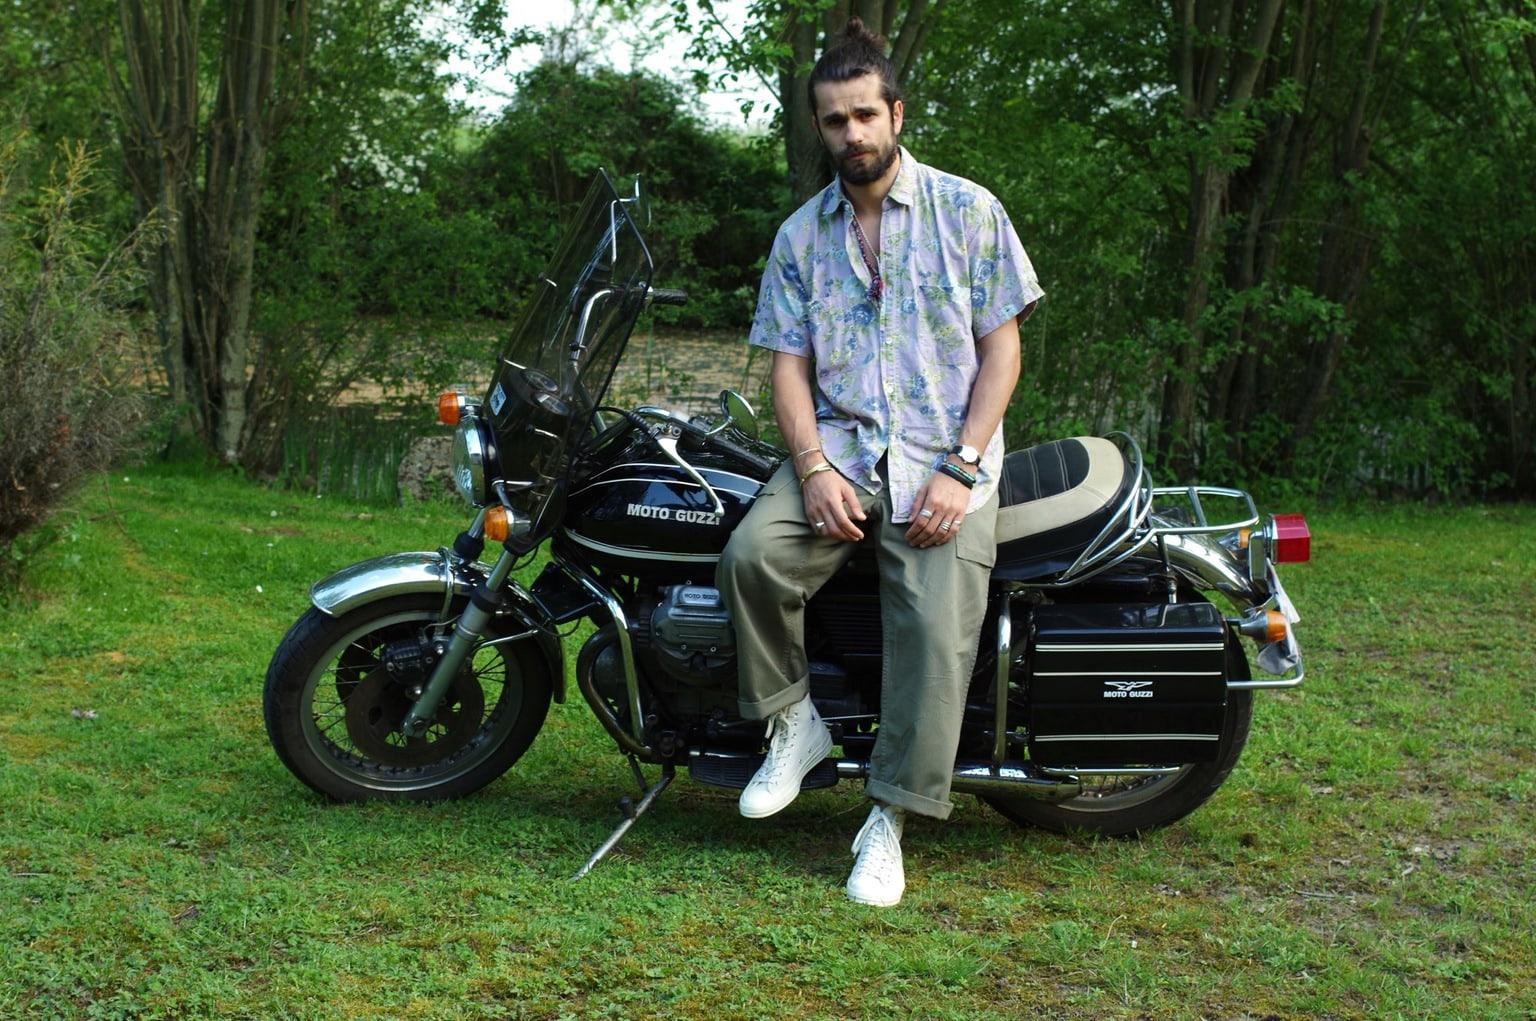 ceici n'est pas un conseil pour comment s'hbaillerquand on fait de la moto - c'est une moto Guzzi 850 T3 California, une routarde que mon père a trainé un peu partout en France et en Europe